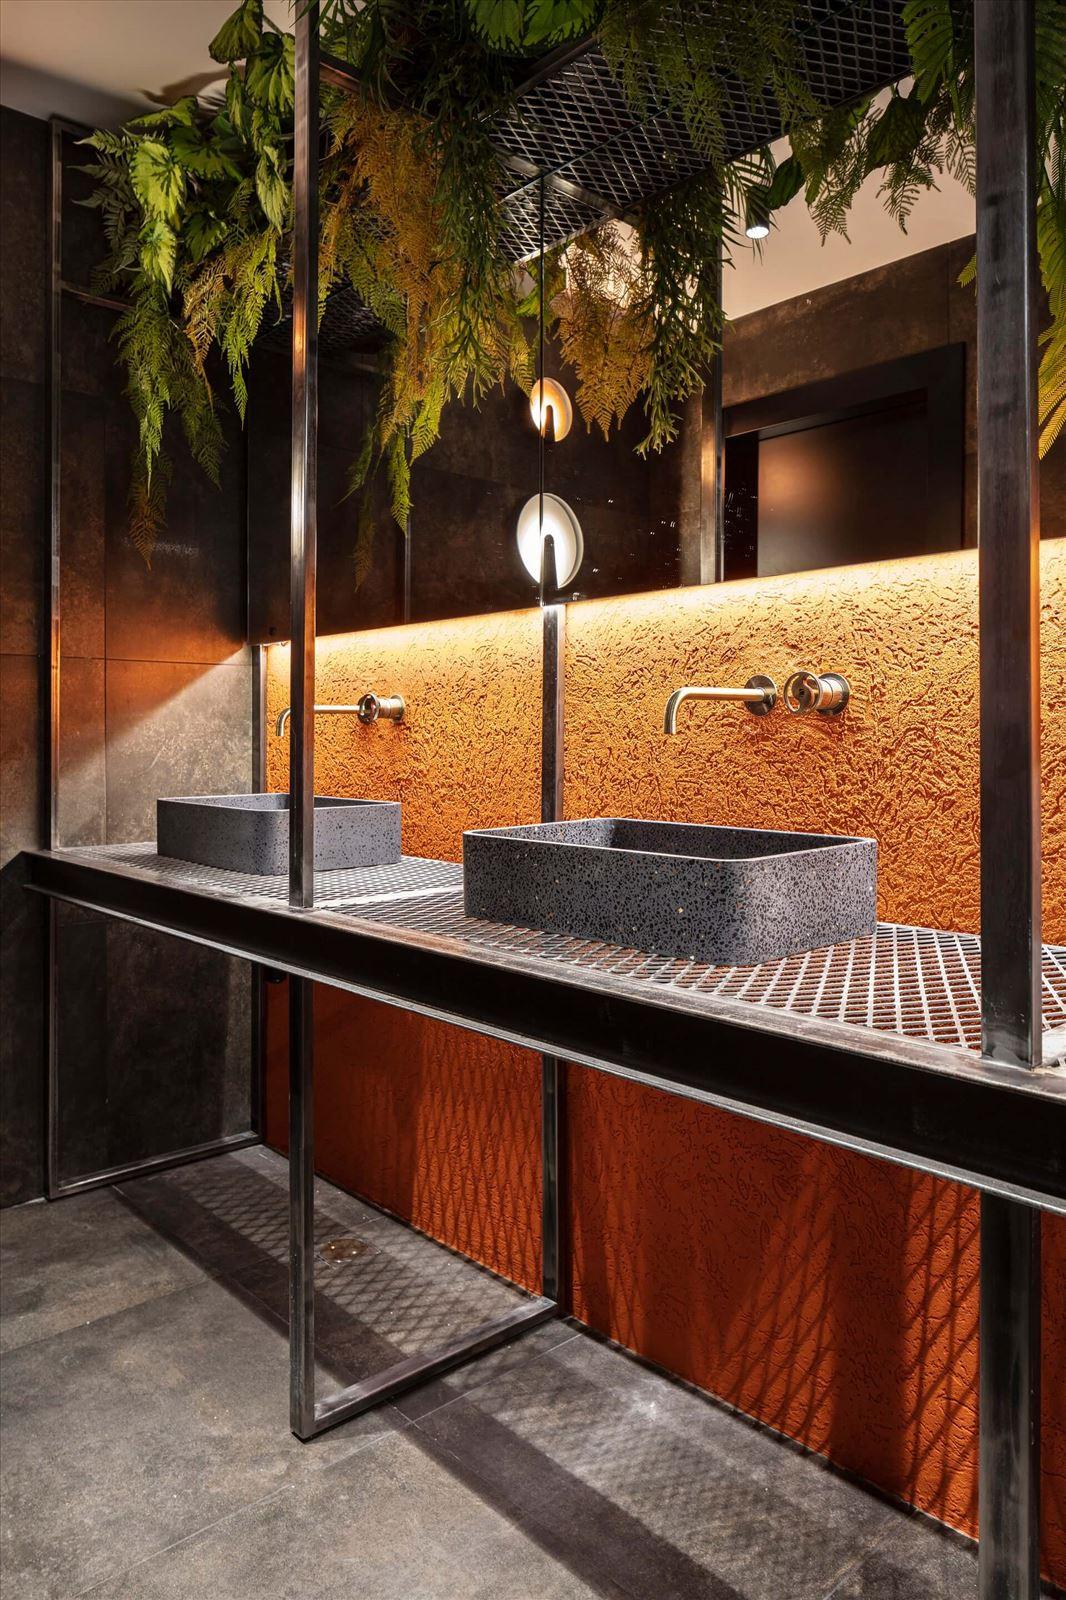 גופי תאורה בשירותים מבית קמחי תאורה